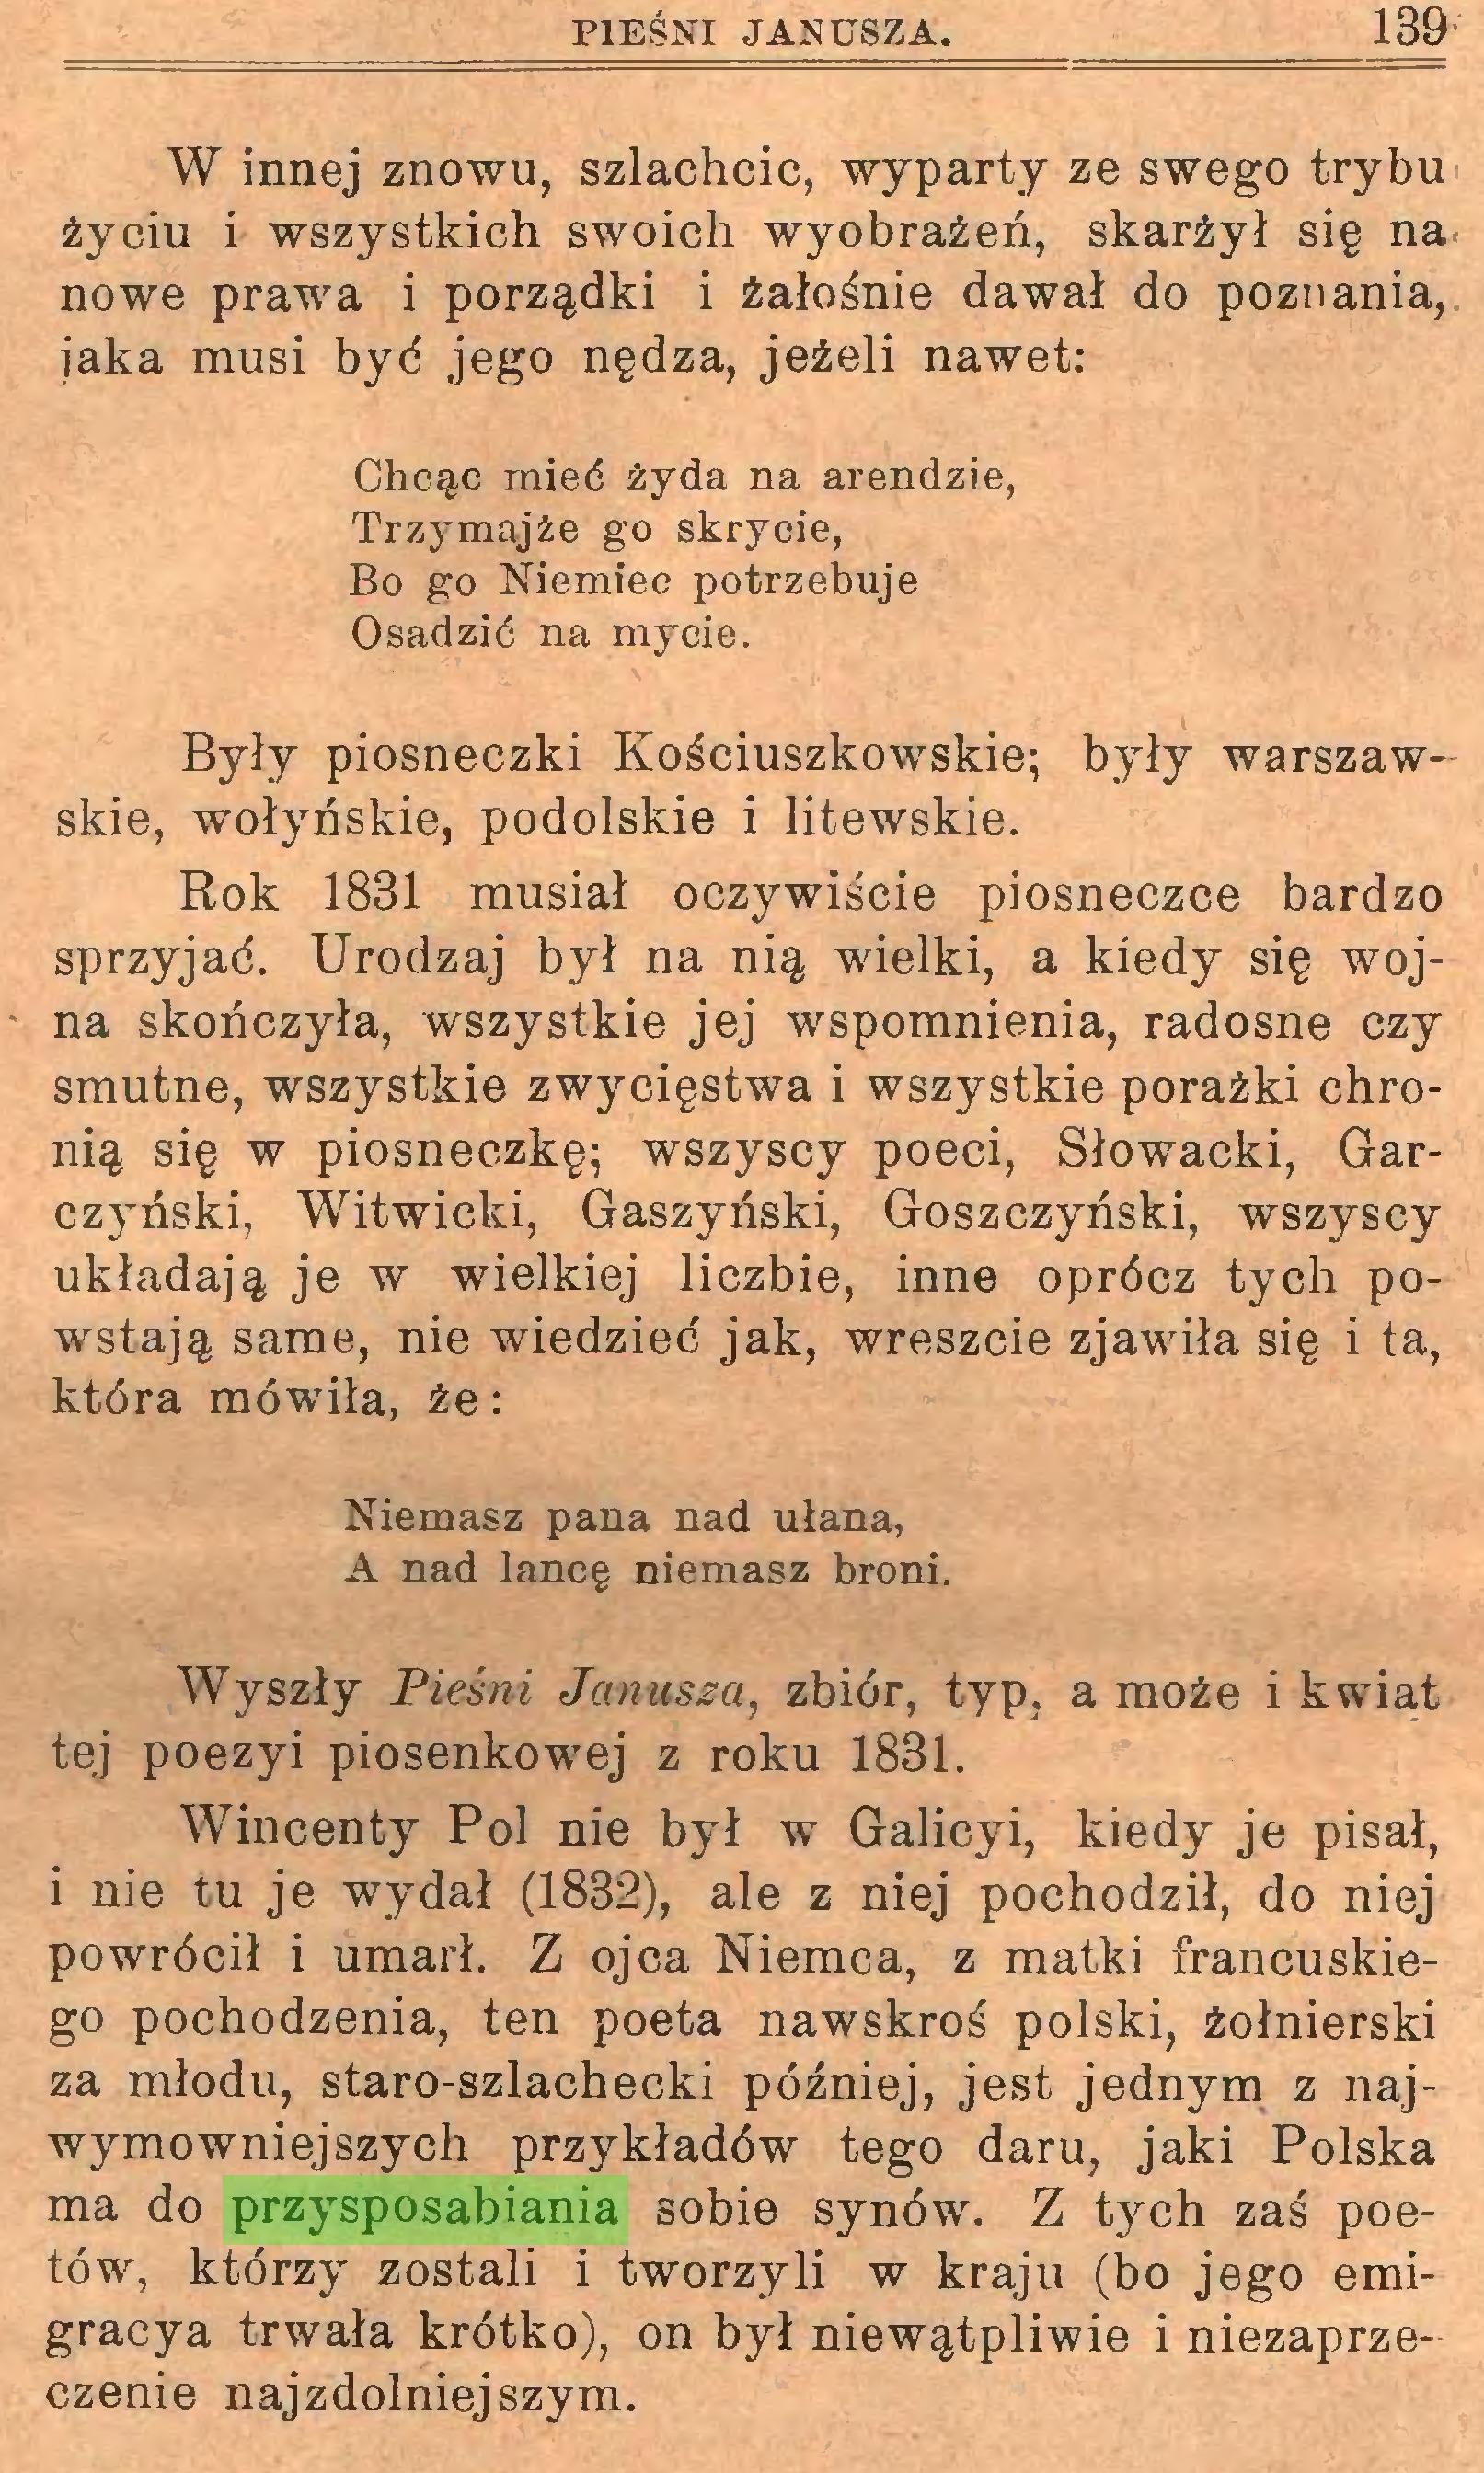 (...) Wincenty Pol nie był w Galicyi, kiedy je pisał, i nie tu je wydał (1832), ale z niej pochodził, do niej powrócił i umarł. Z ojca Niemca, z matki francuskiego pochodzenia, ten poeta nawskroś polski, żołnierski za młodu, staro-szlachecki później, jest jednym z najwymowniejszych przykładów tego daru, jaki Polska ma do przysposabiania sobie synów. Z tych zaś poetów, którzy zostali i tworzyli w kraju (bo jego emigracya trwała krótko), on był niewątpliwie i niezaprzeczenie najzdolniejszym. 140 HISTORYA LITERATURY POLSKIEJ...